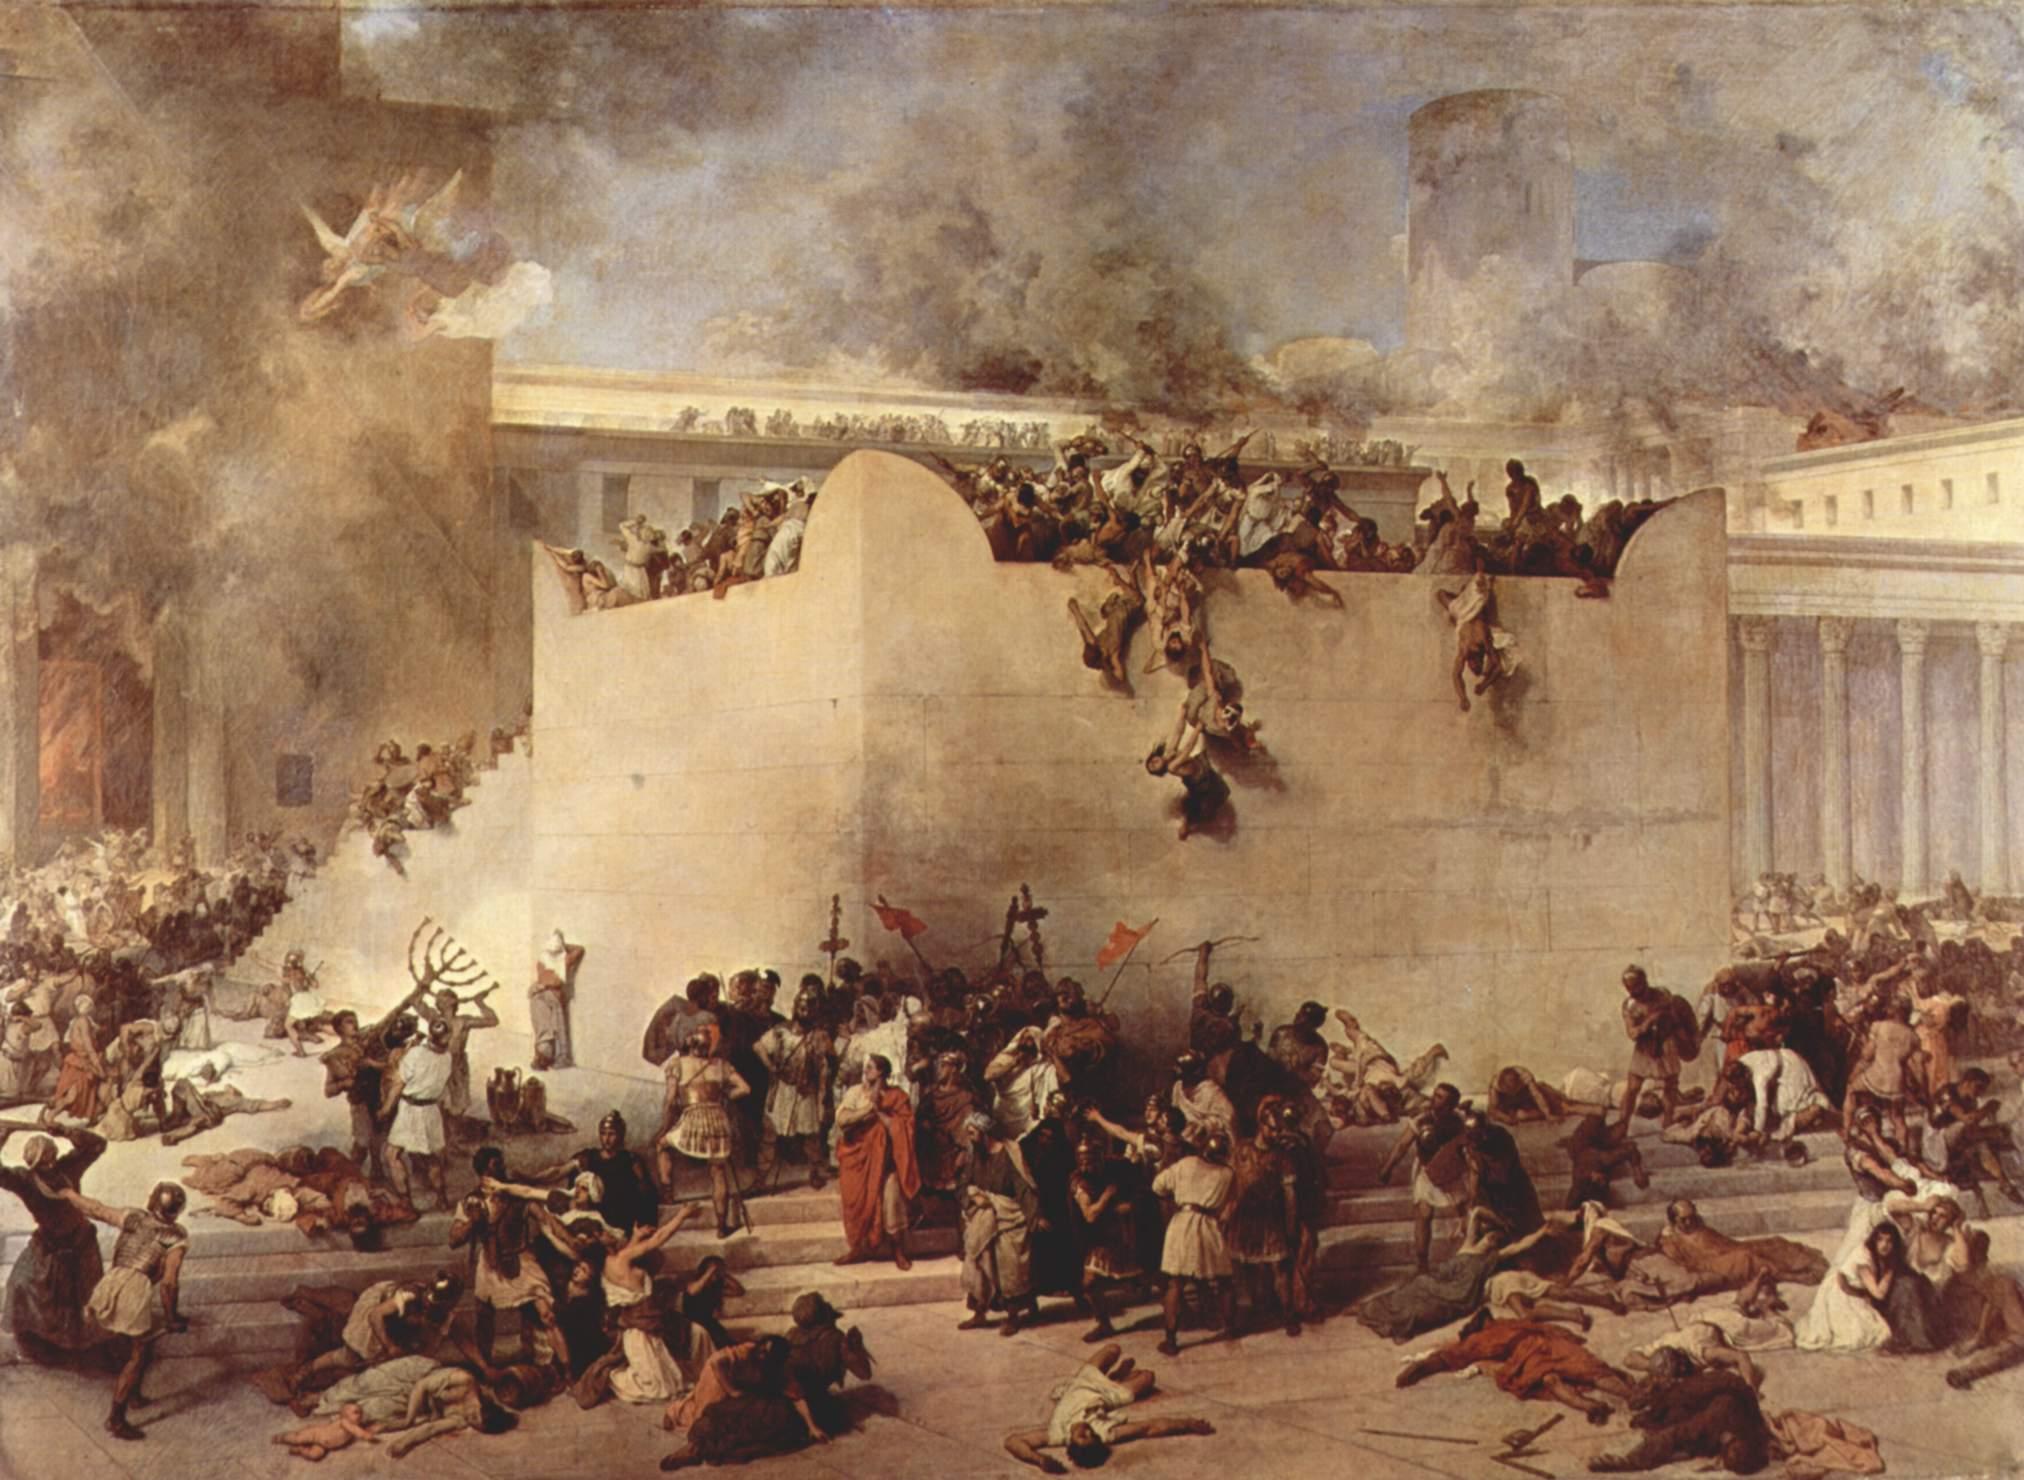 Francesco Hayez, A destruição do Templo de Jerusalém (1867)